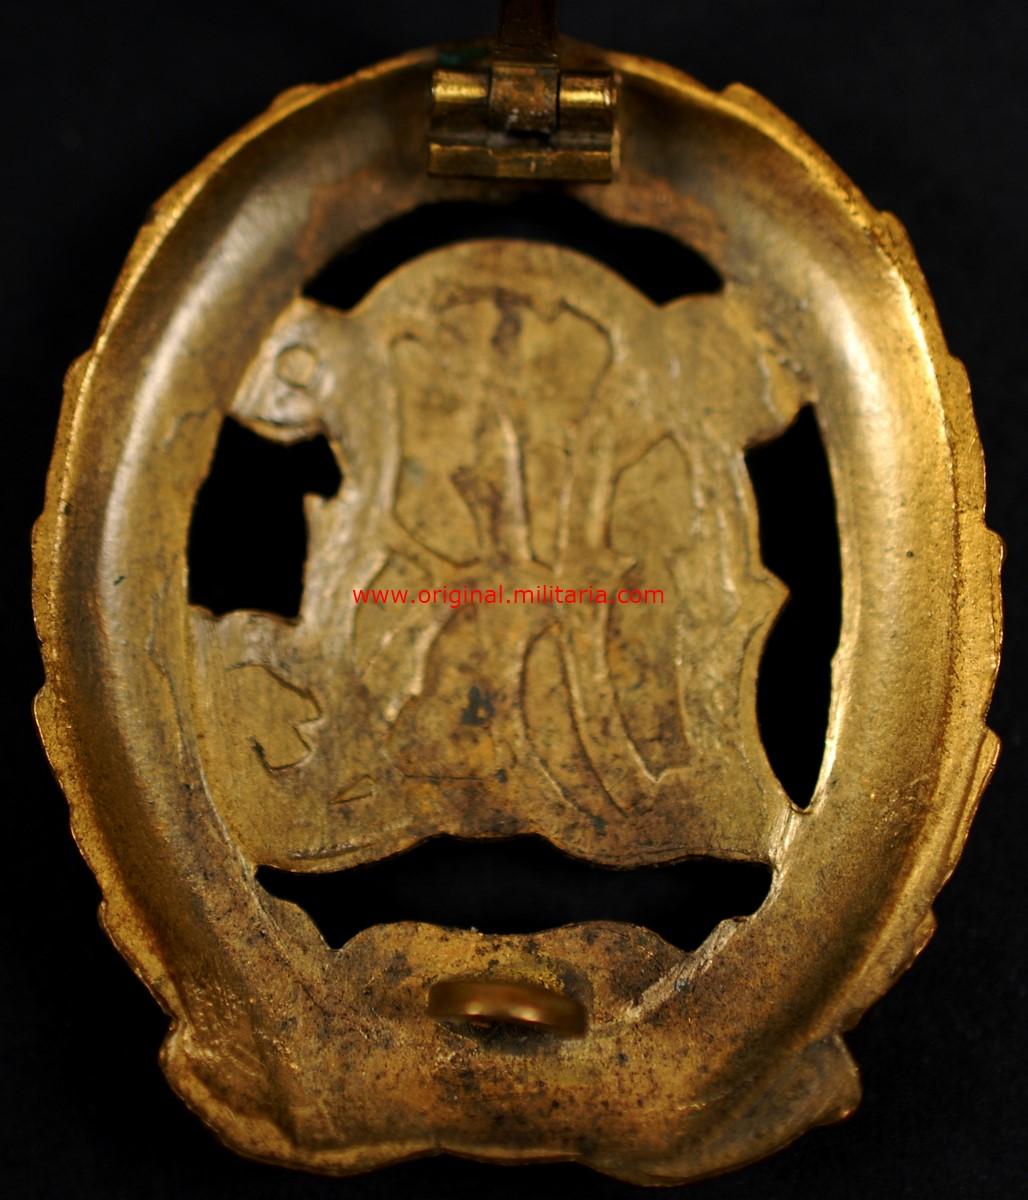 Distintivo de Deportes en Bronce DRL M1933-1937